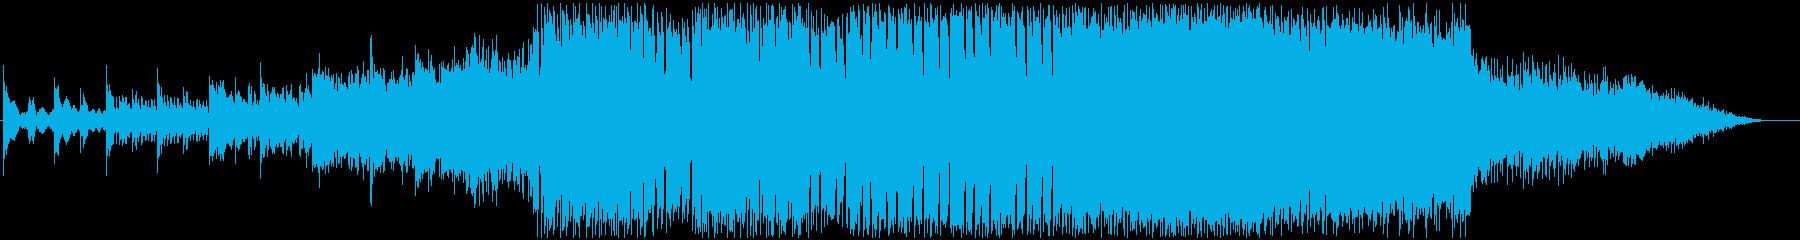 ロックとファンタジーなゲーム音楽テイストの再生済みの波形